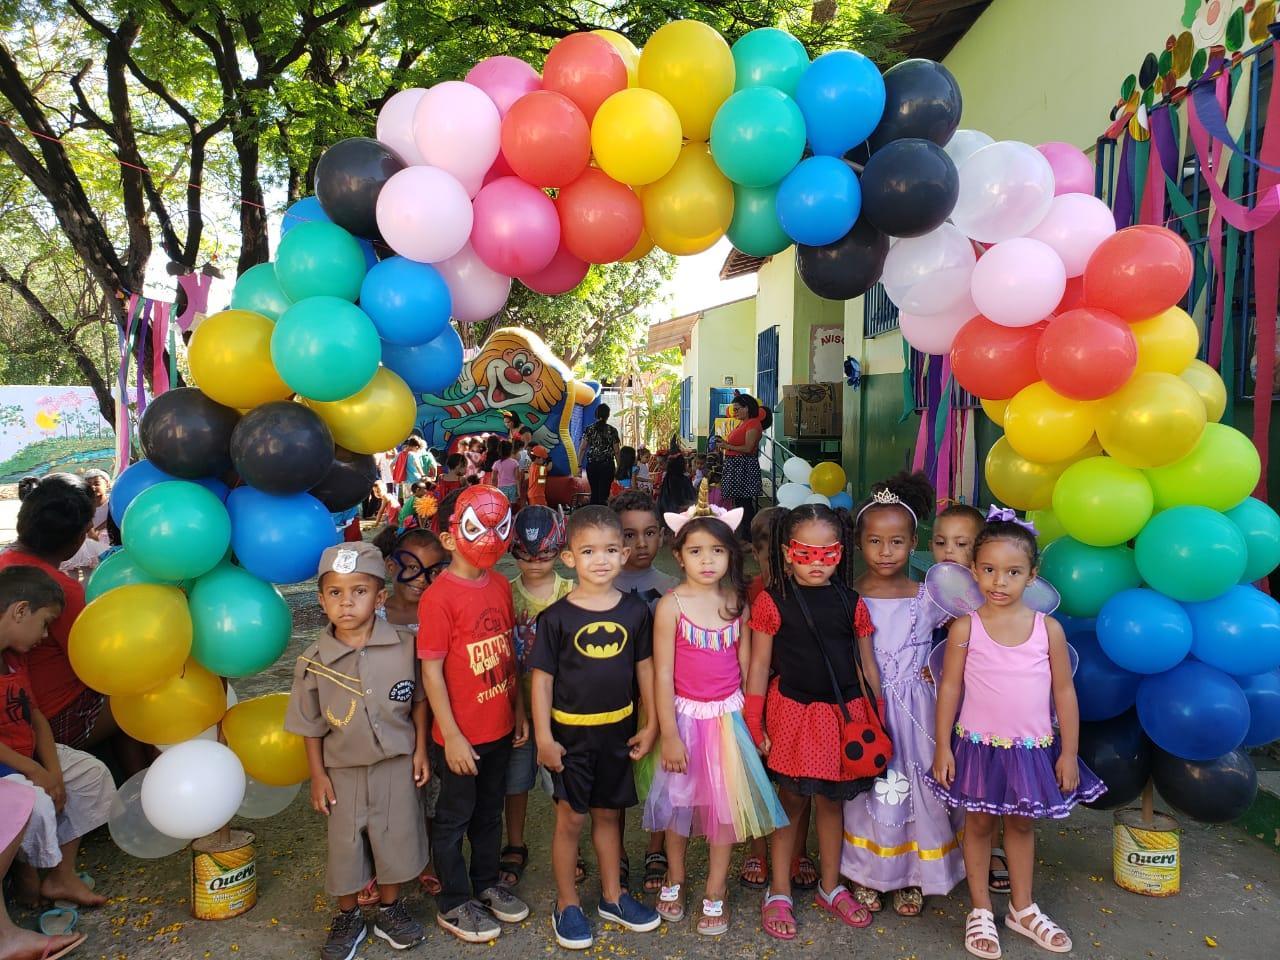 Imagem de destaque SEMANA DA CRIANÇA - Cemei Alegria de Viver encerra programação com festa à fantasia